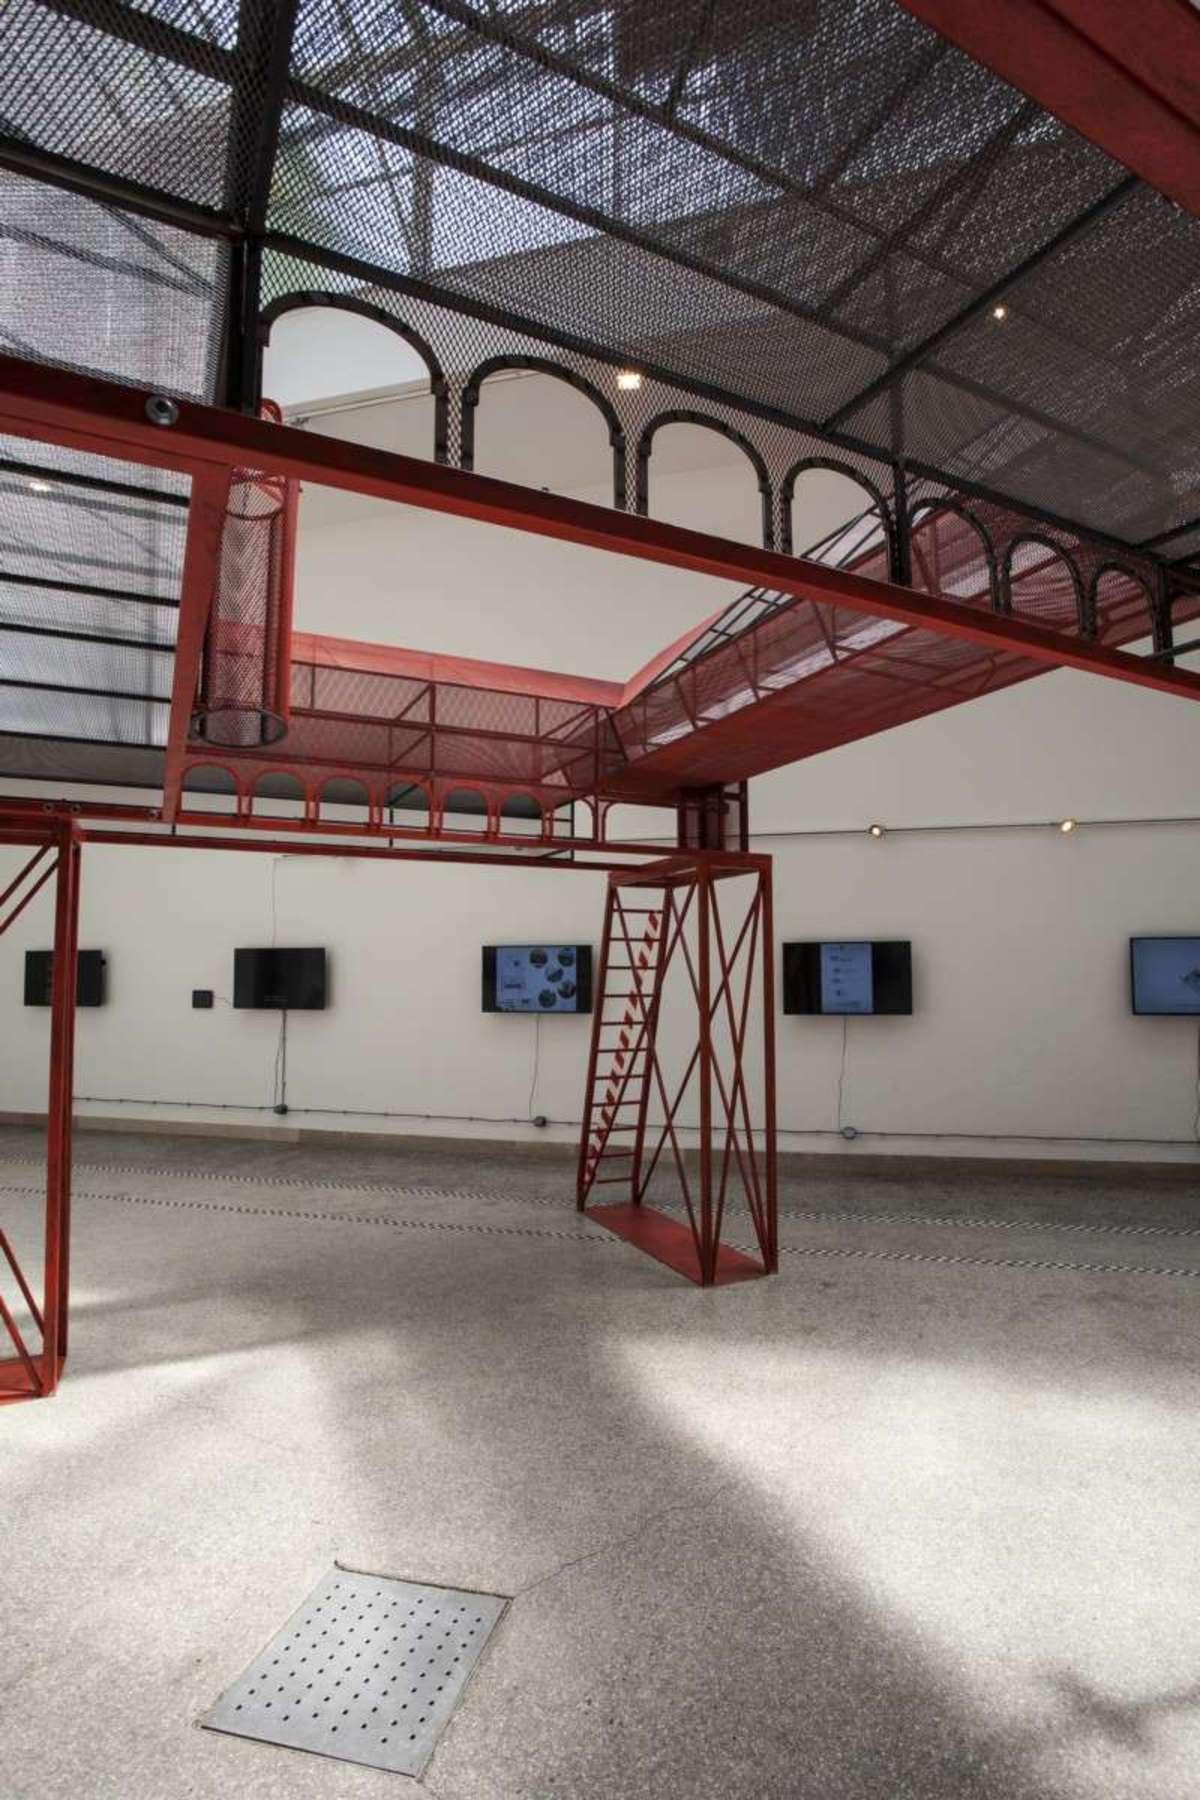 Padiglione della Repubblica Ceca e Slovacca Biennale Venezia